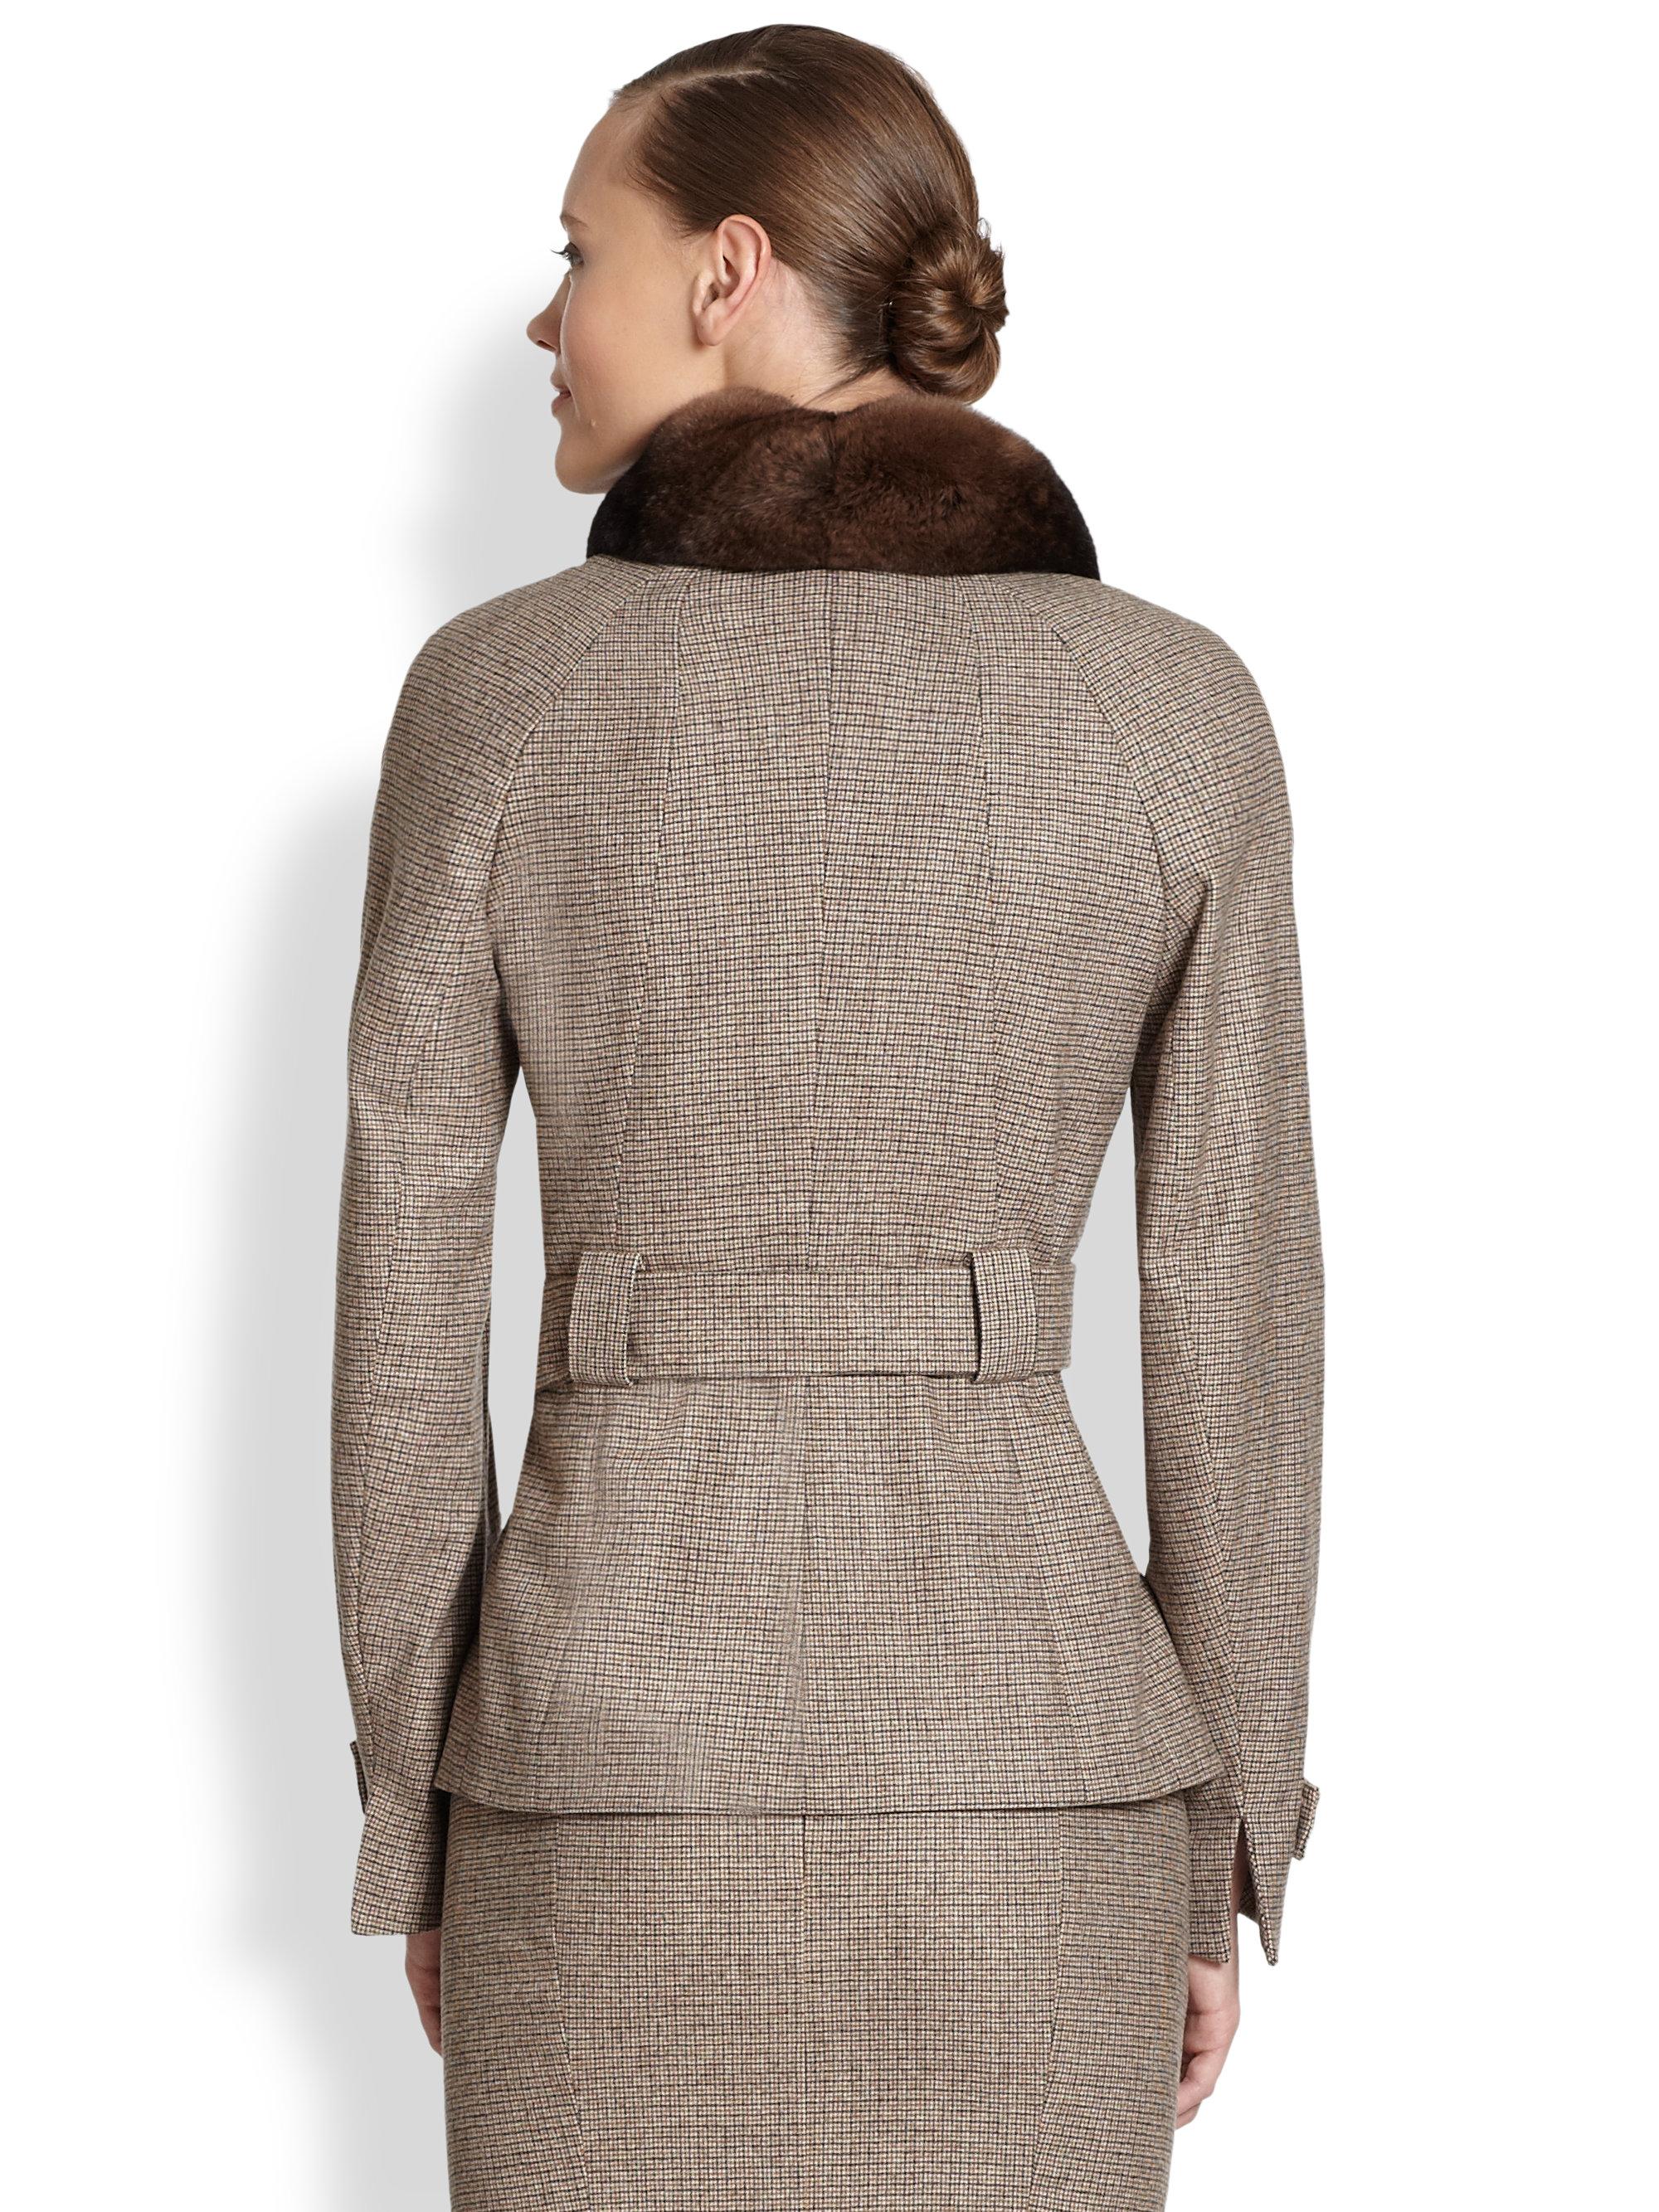 akris hannover belted plaid jacket in natural lyst. Black Bedroom Furniture Sets. Home Design Ideas